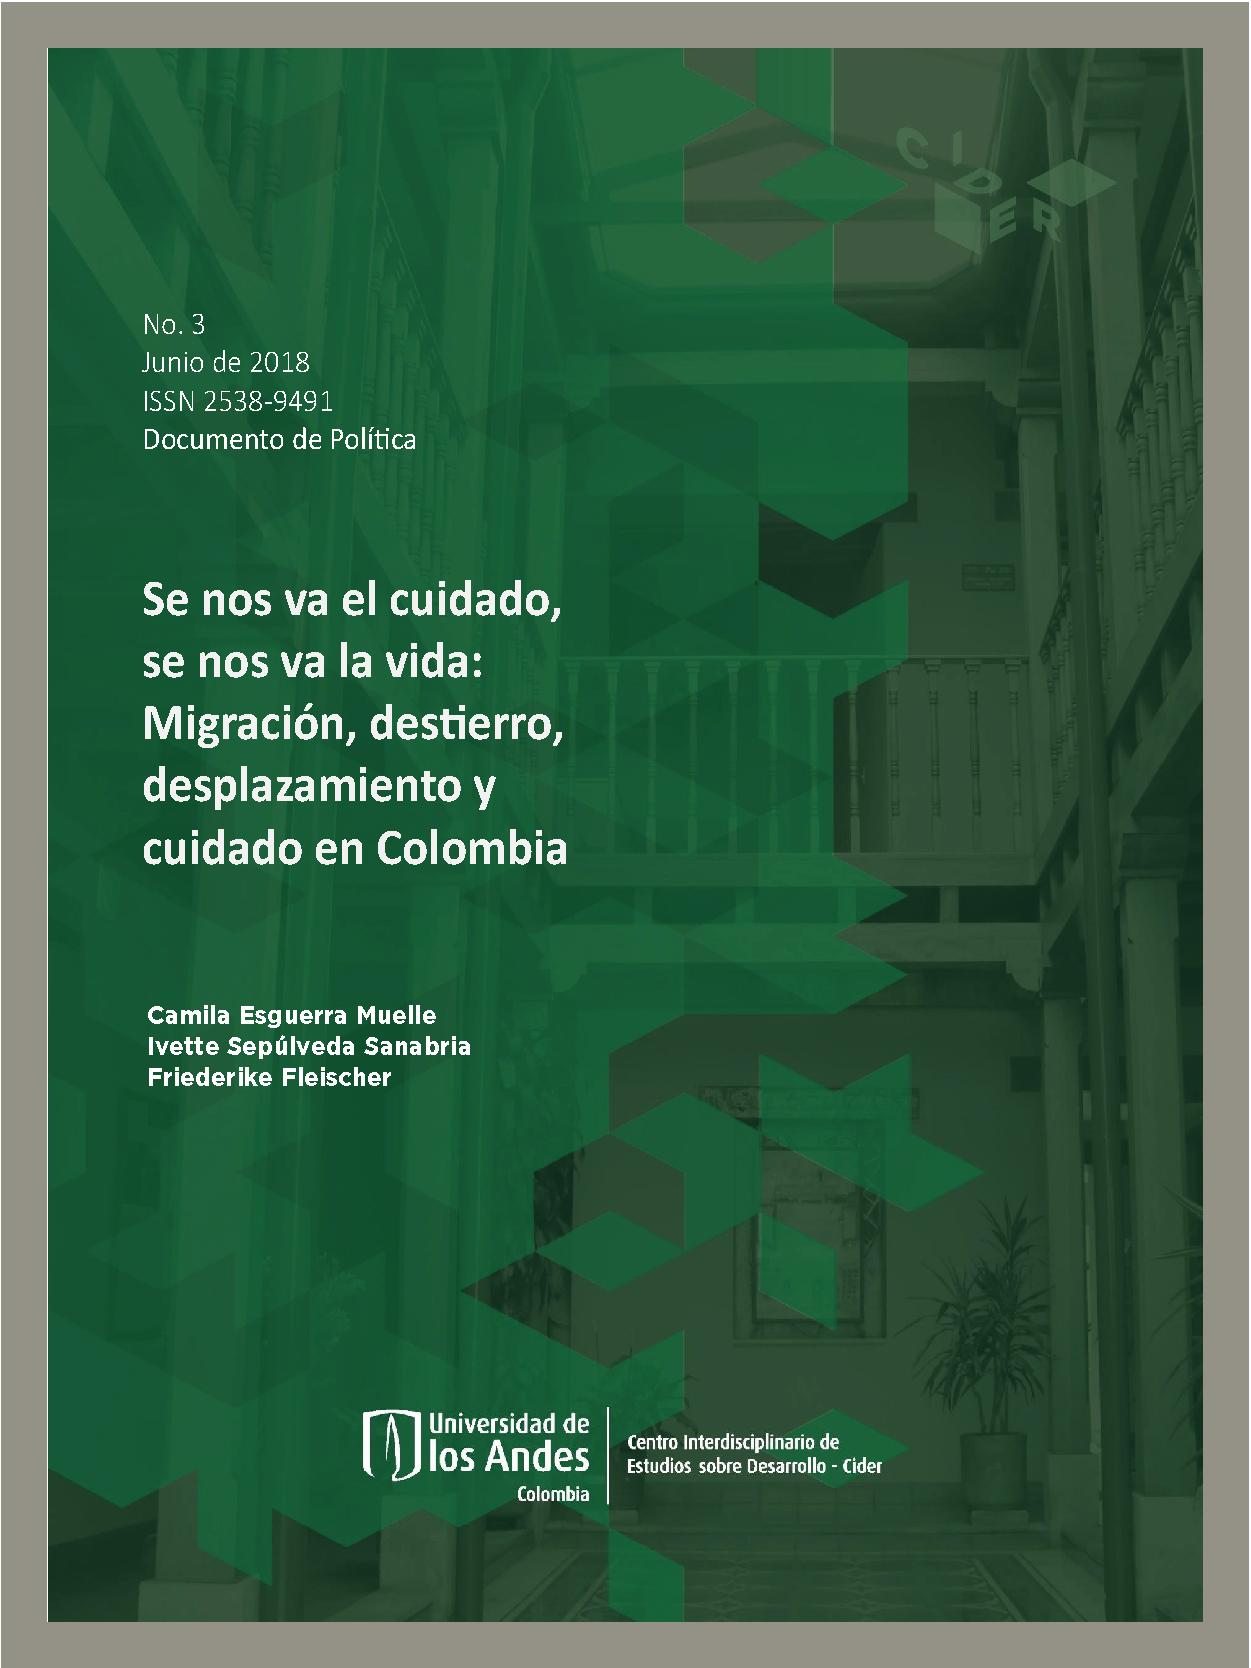 Documentos de Política Se nos va el cuidado, se nos va la vida: Migración, destierro, desplazamiento y cuidado en Colombia.